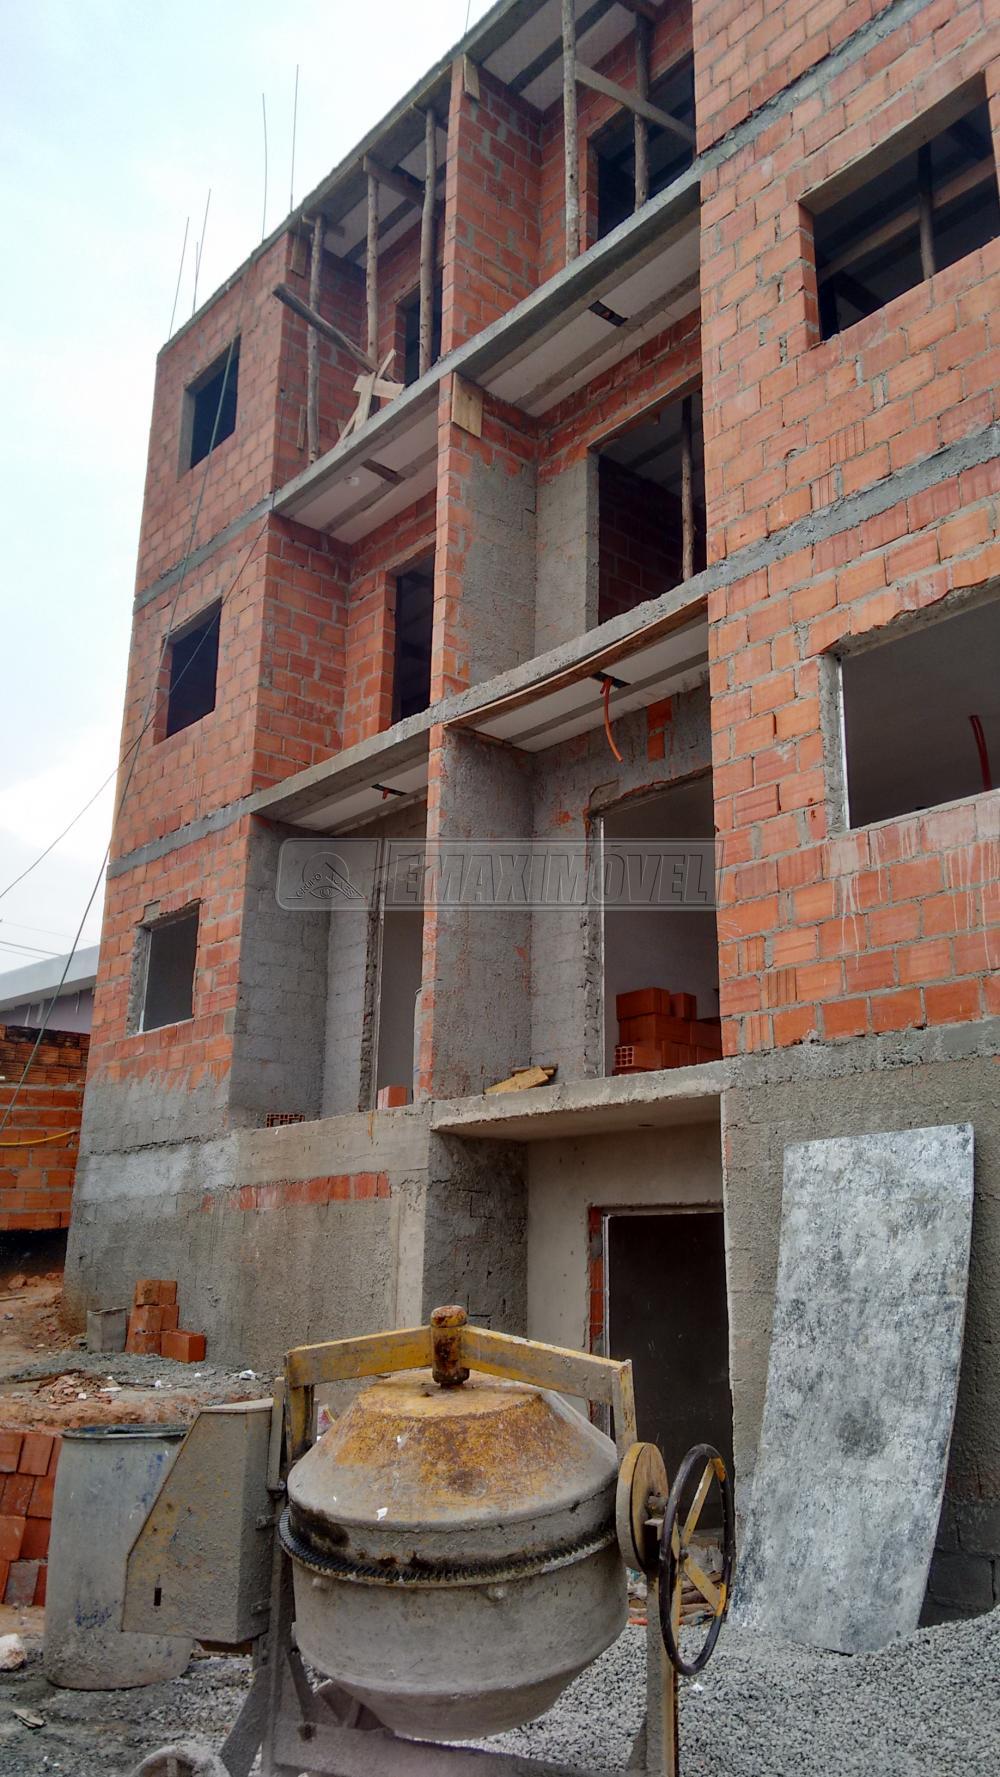 Comprar Apartamentos / Apto Padrão em Sorocaba apenas R$ 135.000,00 - Foto 1